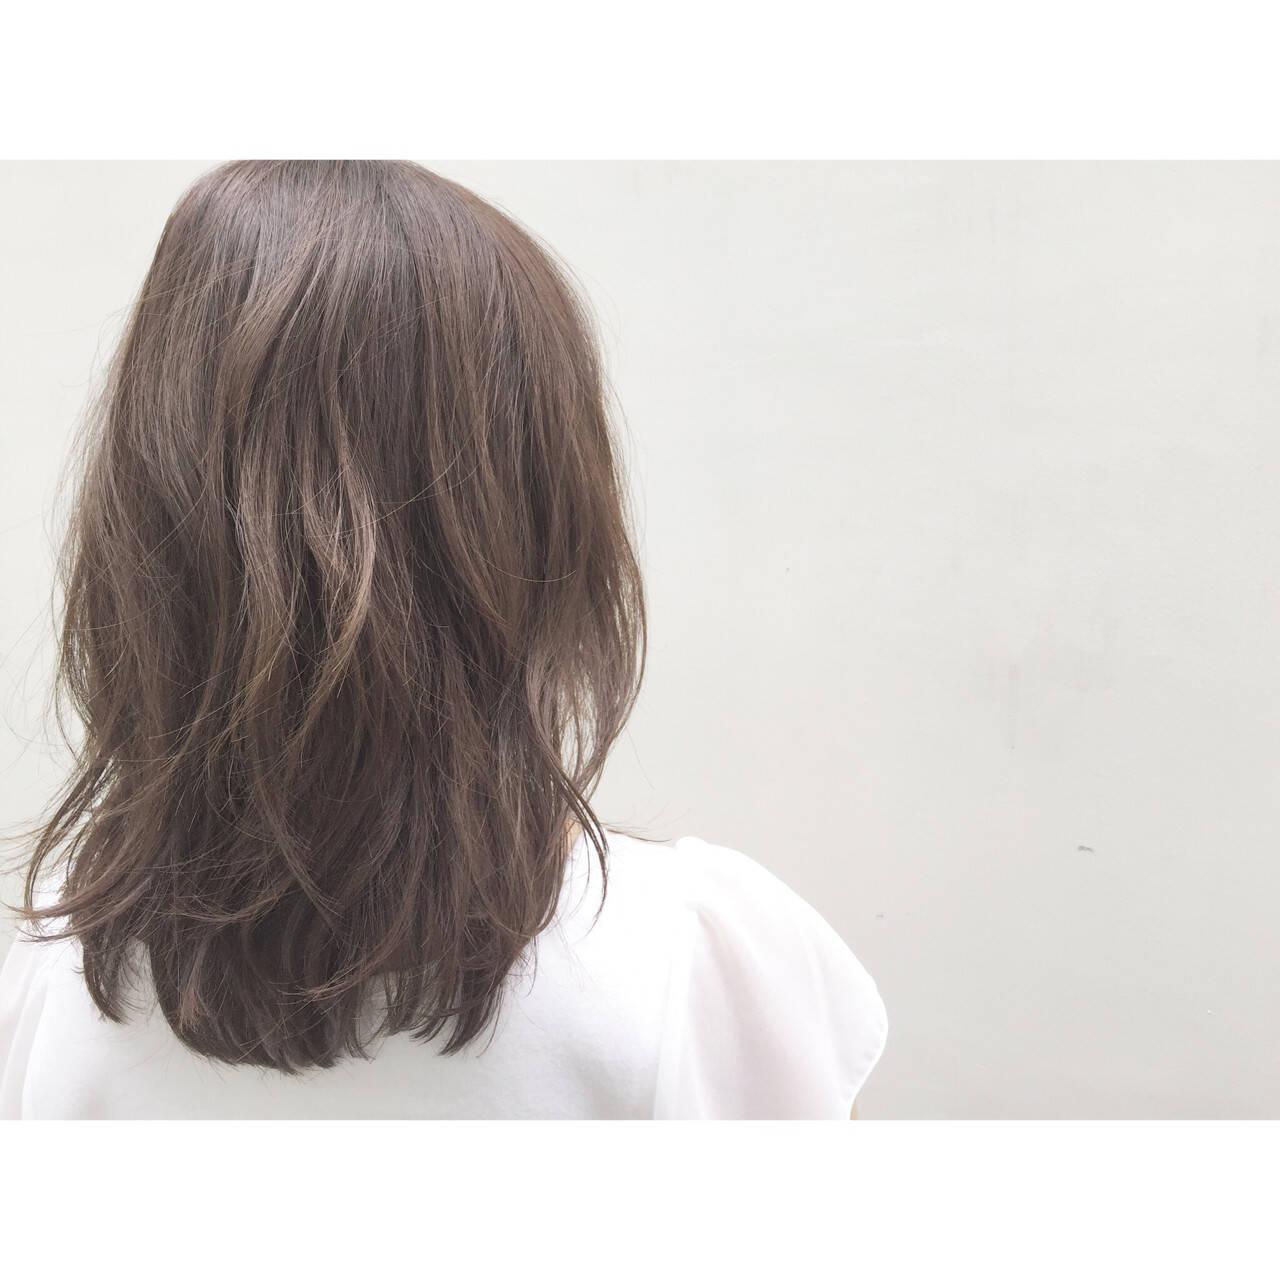 ナチュラル アッシュ ゆるふわ フェミニンヘアスタイルや髪型の写真・画像